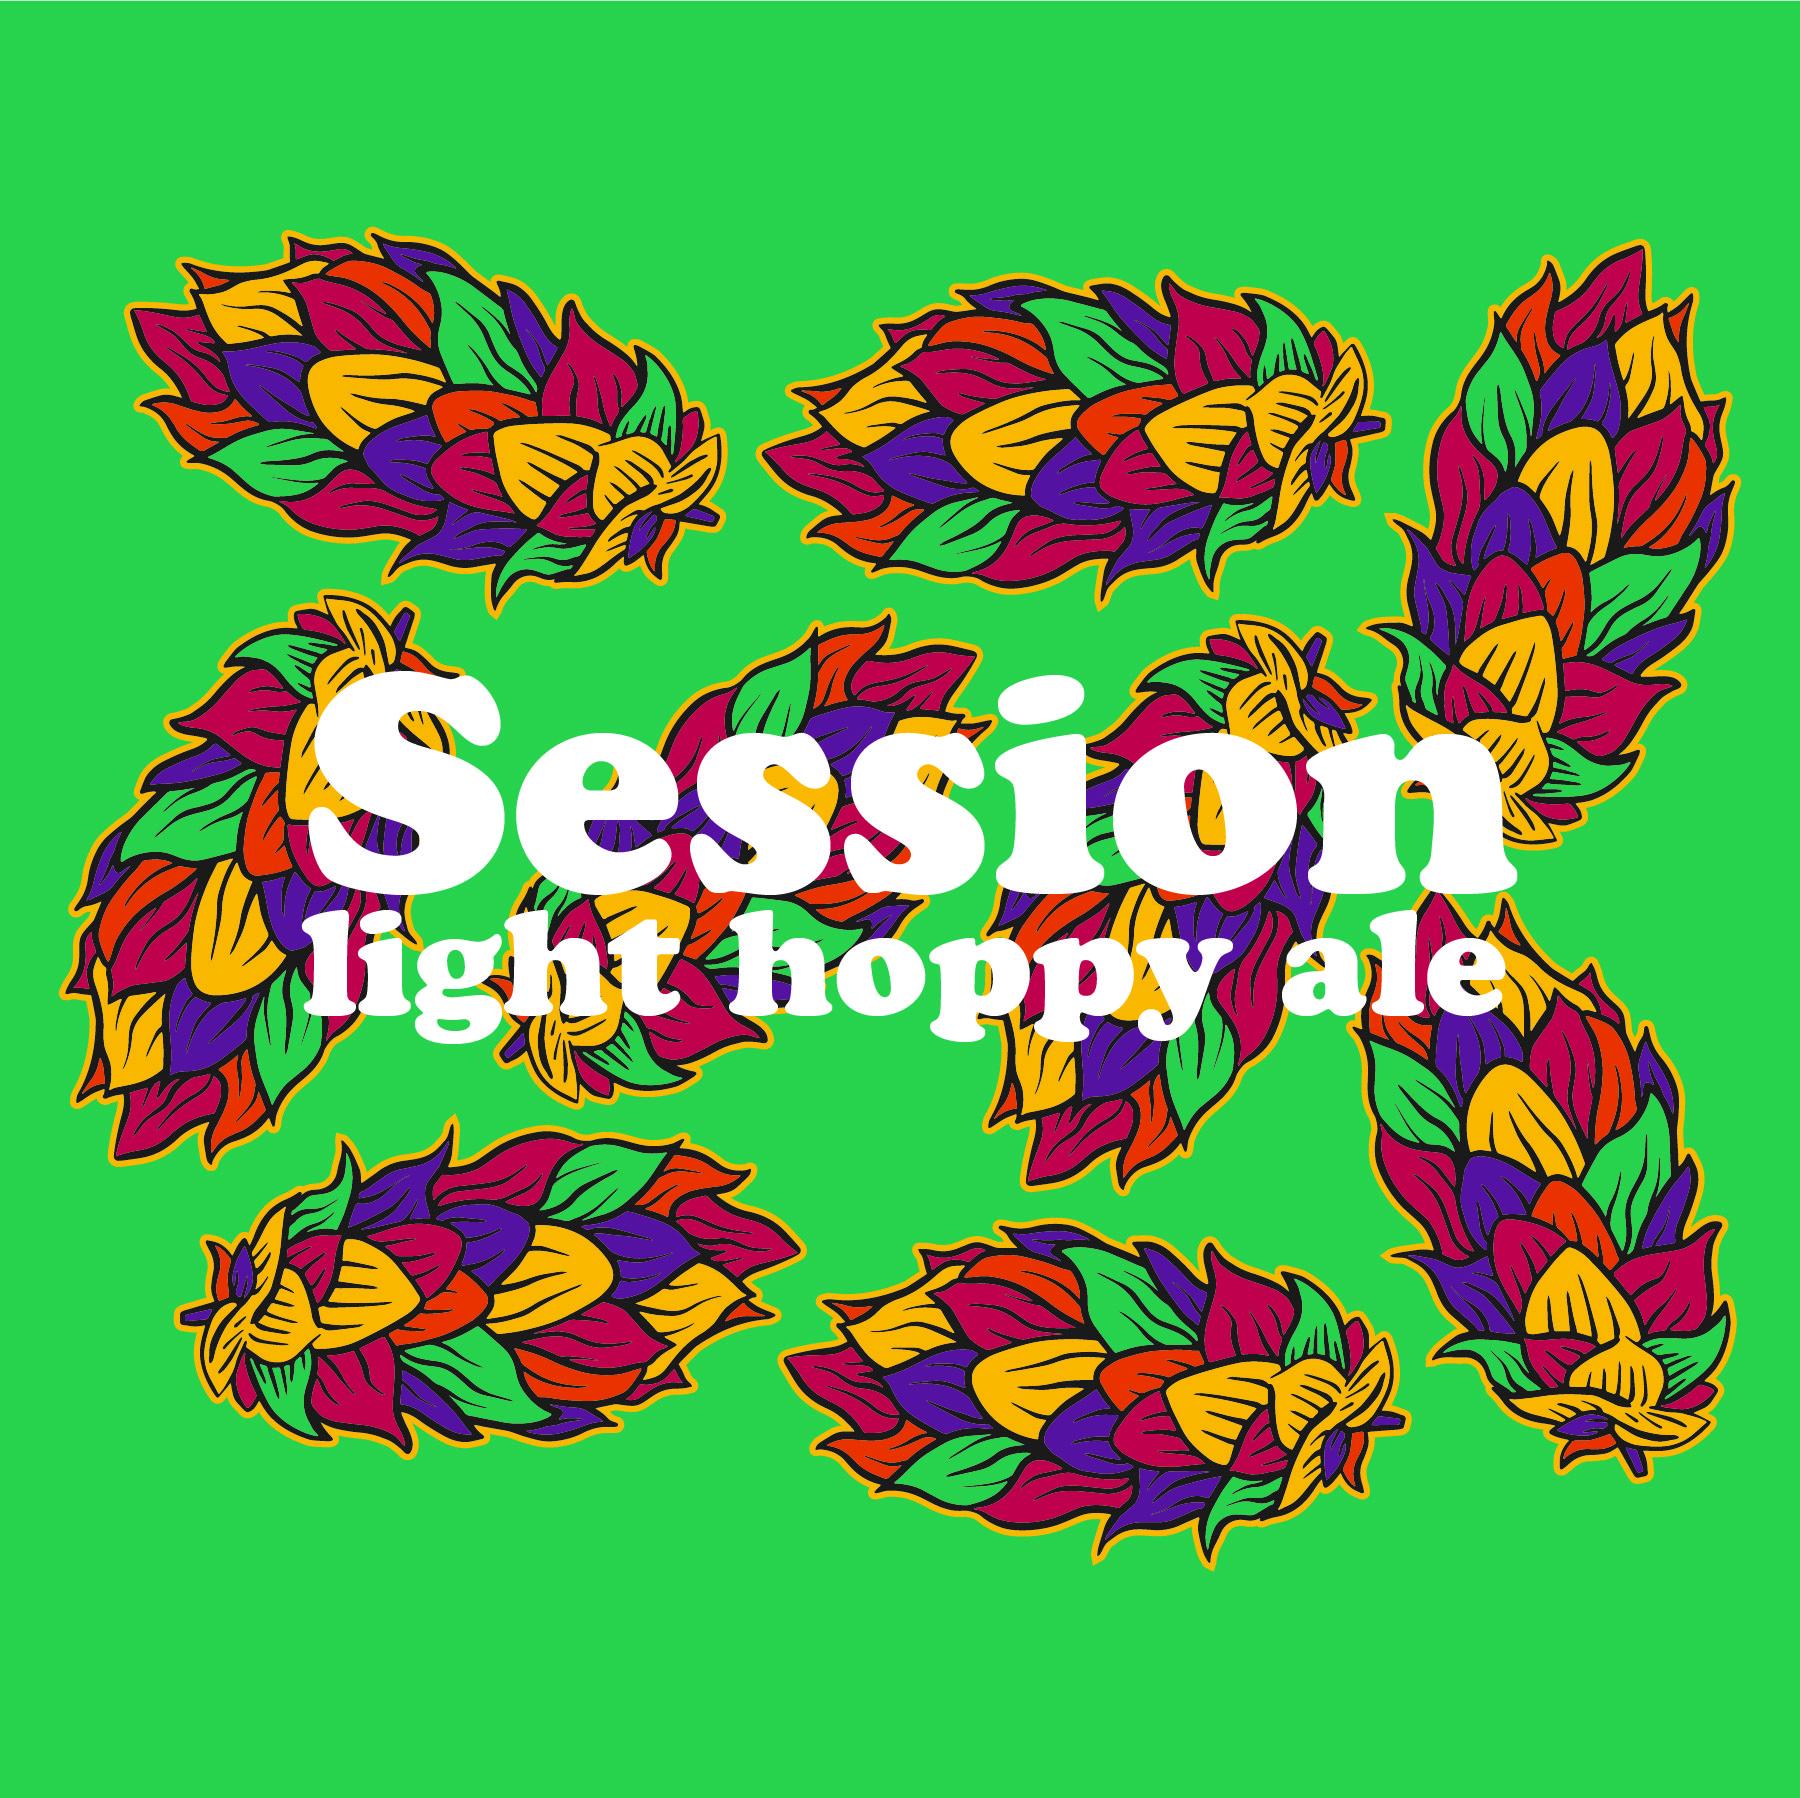 Session-Light Hoppy Ale.jpg